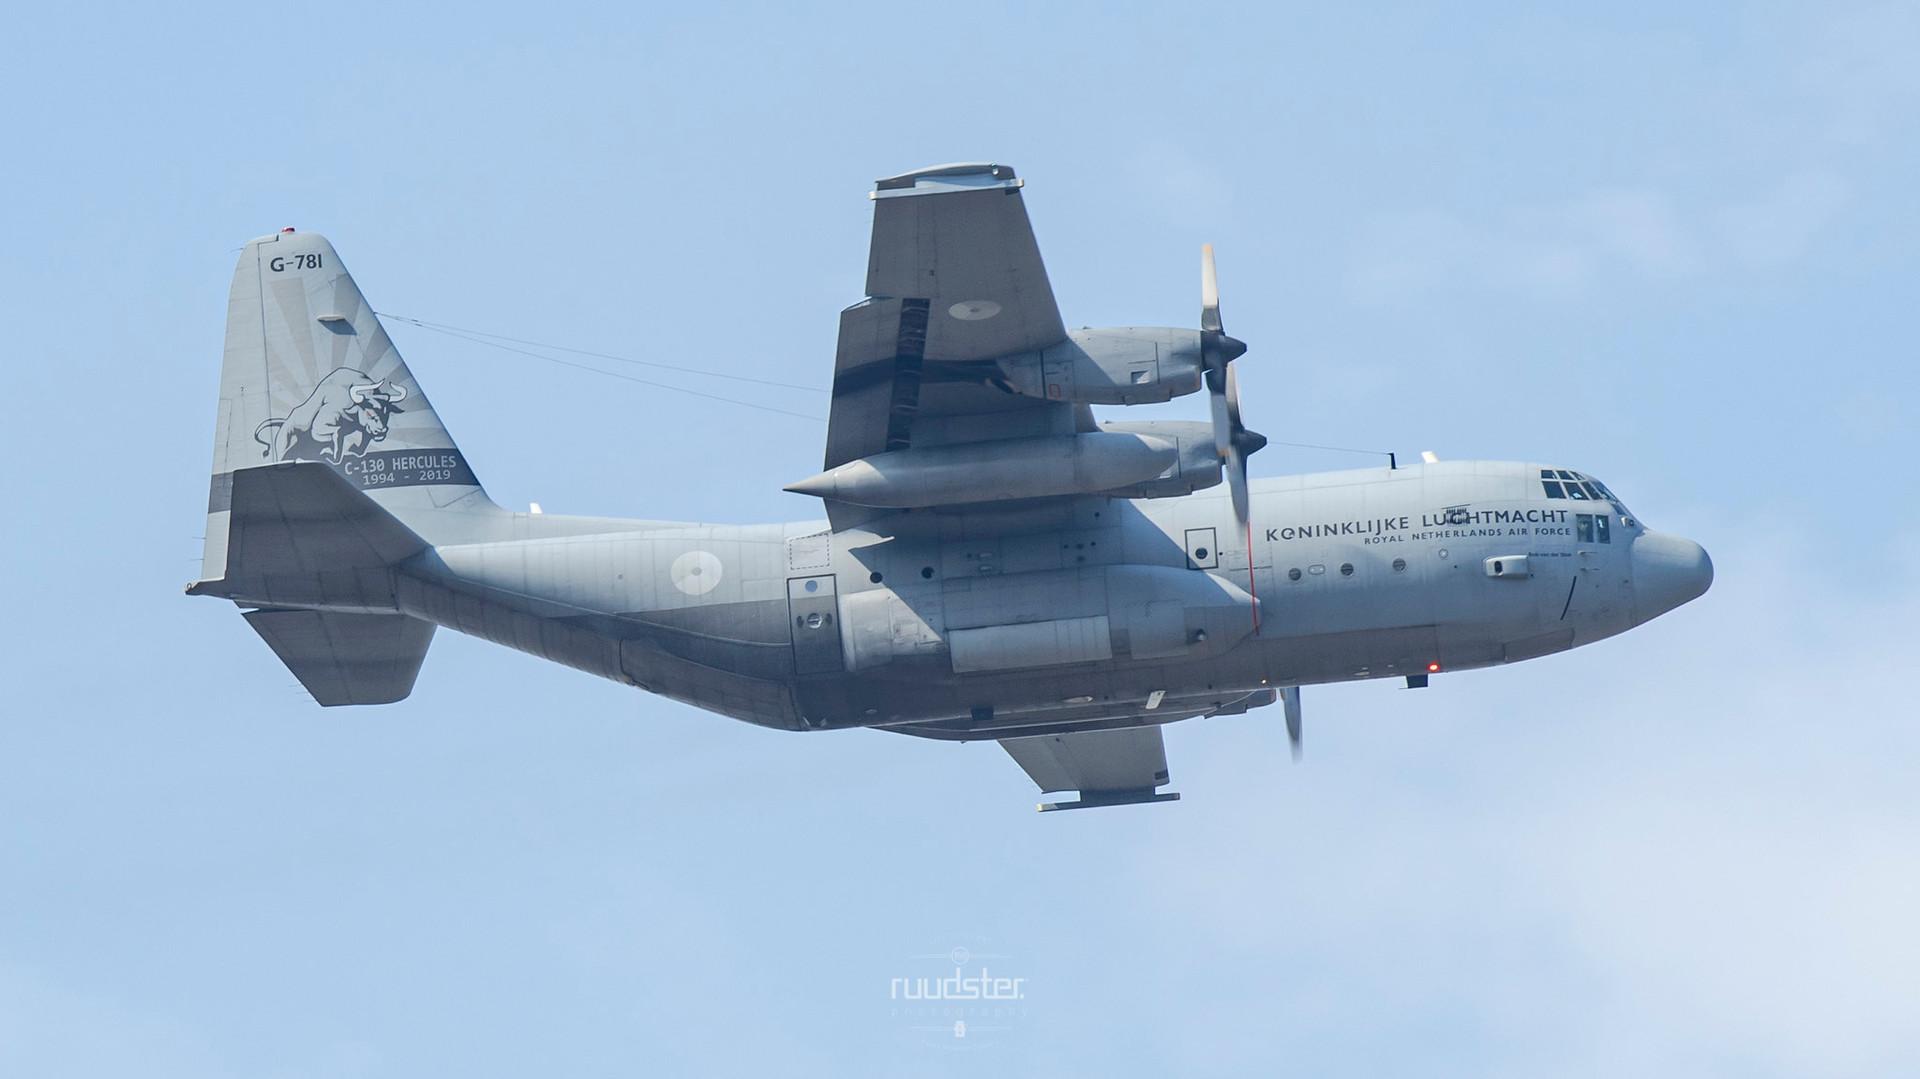 1987   G-781   Lockheed C-130H Hercules